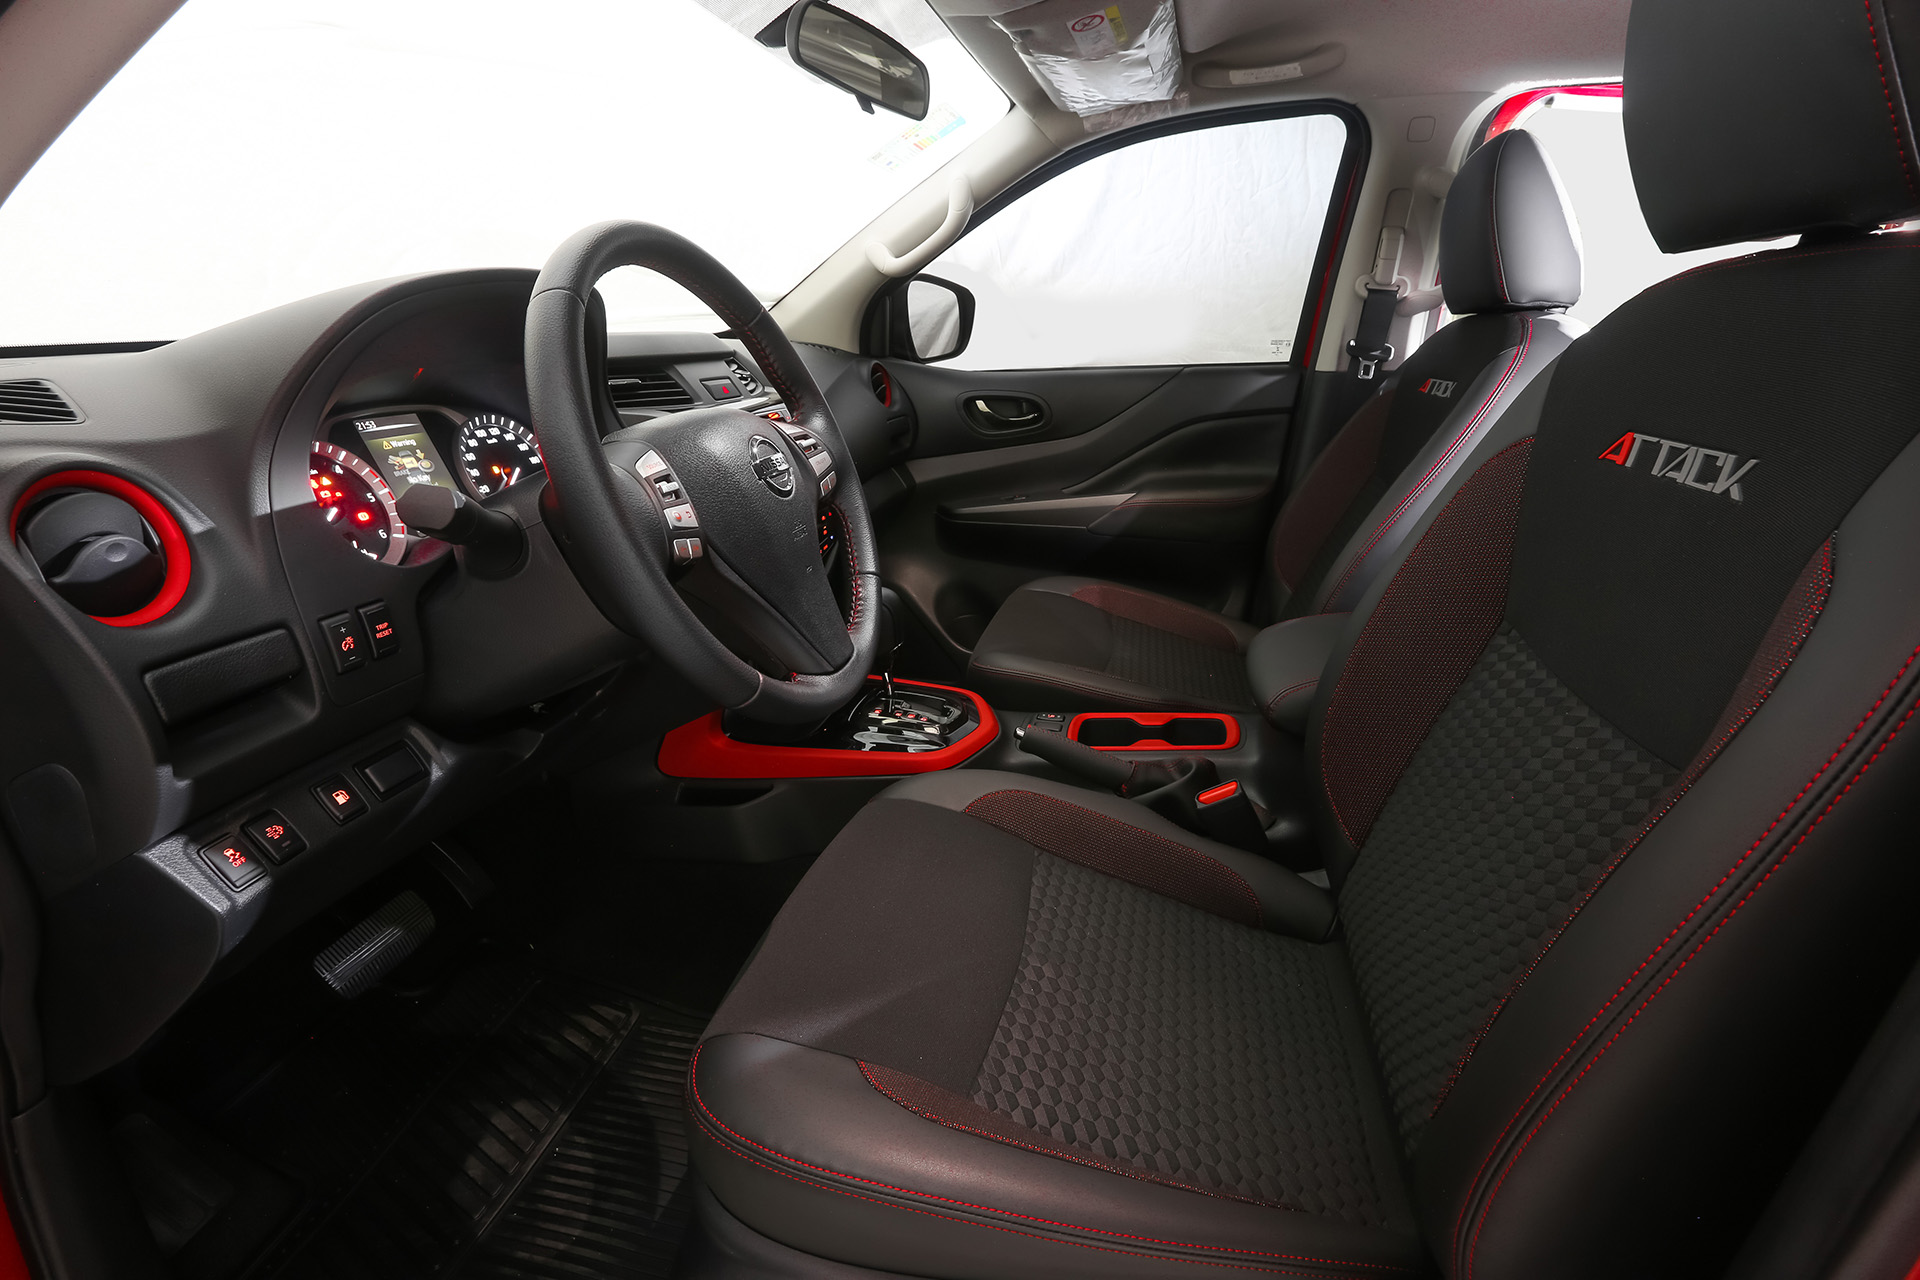 Nissan Frontier Attack cuenta con un nuevo sistema de Infoteitment llamado Nissan Multi-App que incluye un navegador GPS con pantalla táctil de 6.2'' última generación, aplicaciones (como Waze y Spotify), Bluetooth, navegación y streaming de música. Todo esto forma parte de la estrategia de Nissan Intelligent Drive en el marco de la promesa de Nissan Intelligent Mobility